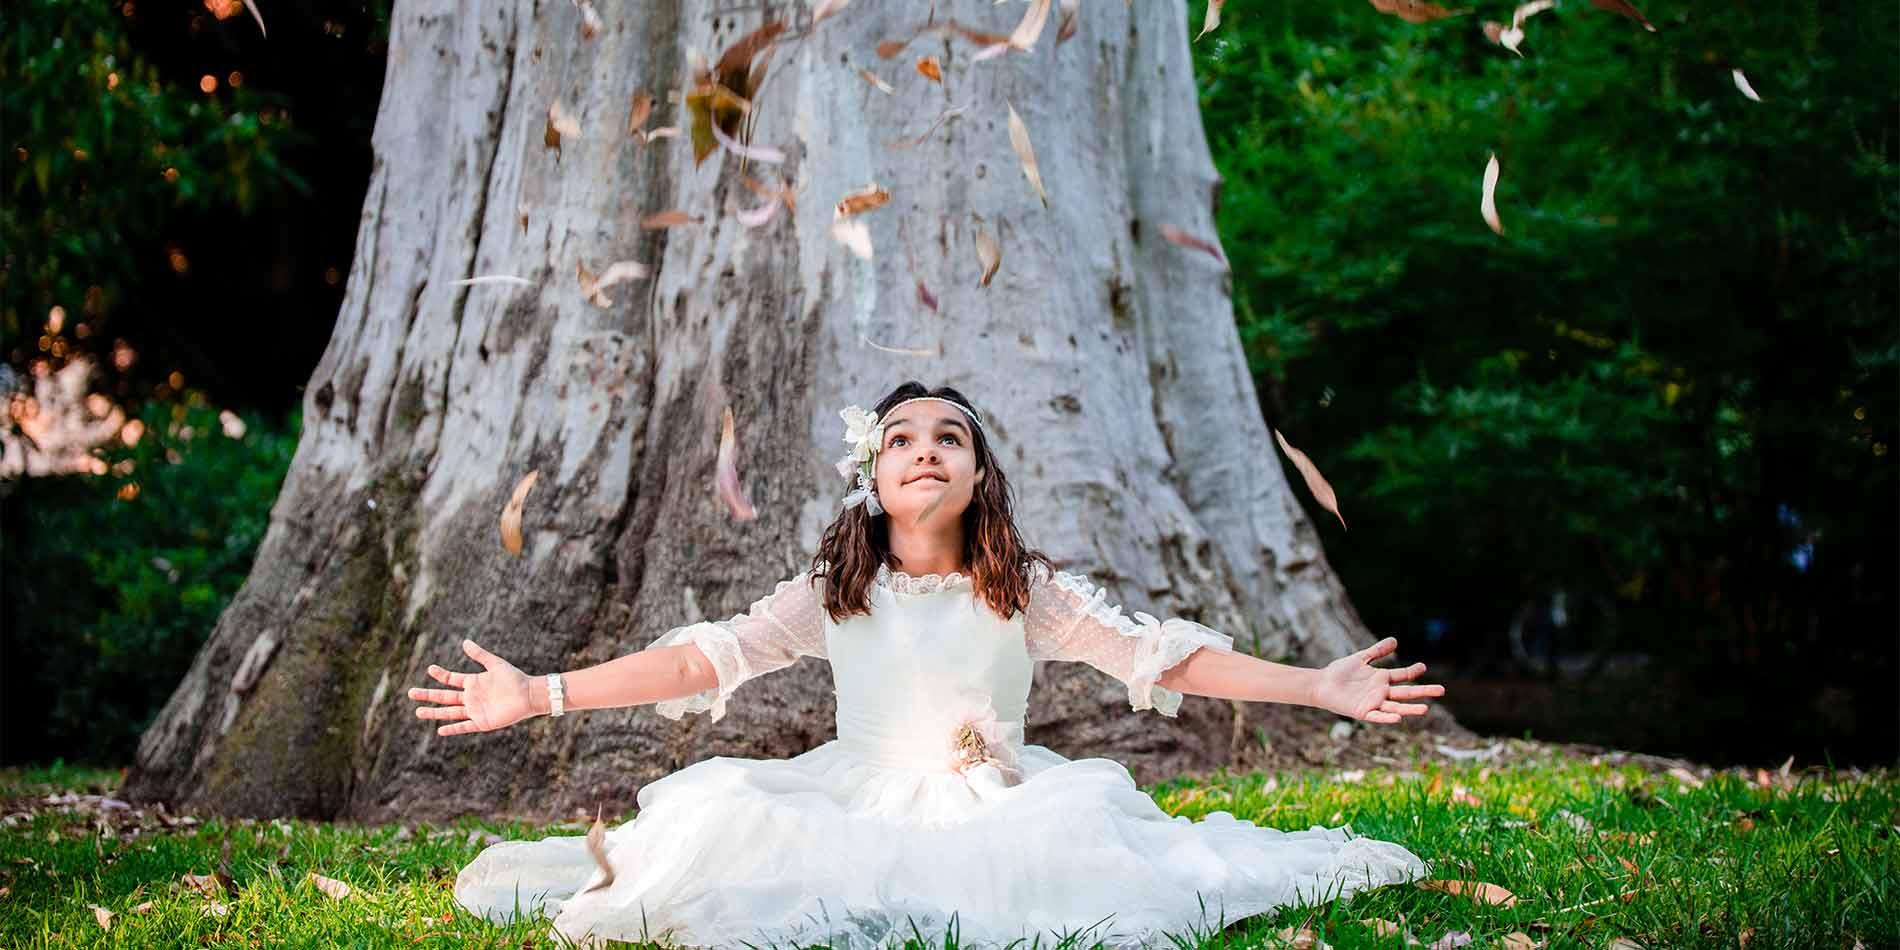 niña de comunión sentada en el suelo tirando hojas secas al vuelo en su fotografía de comunión en Sevilla